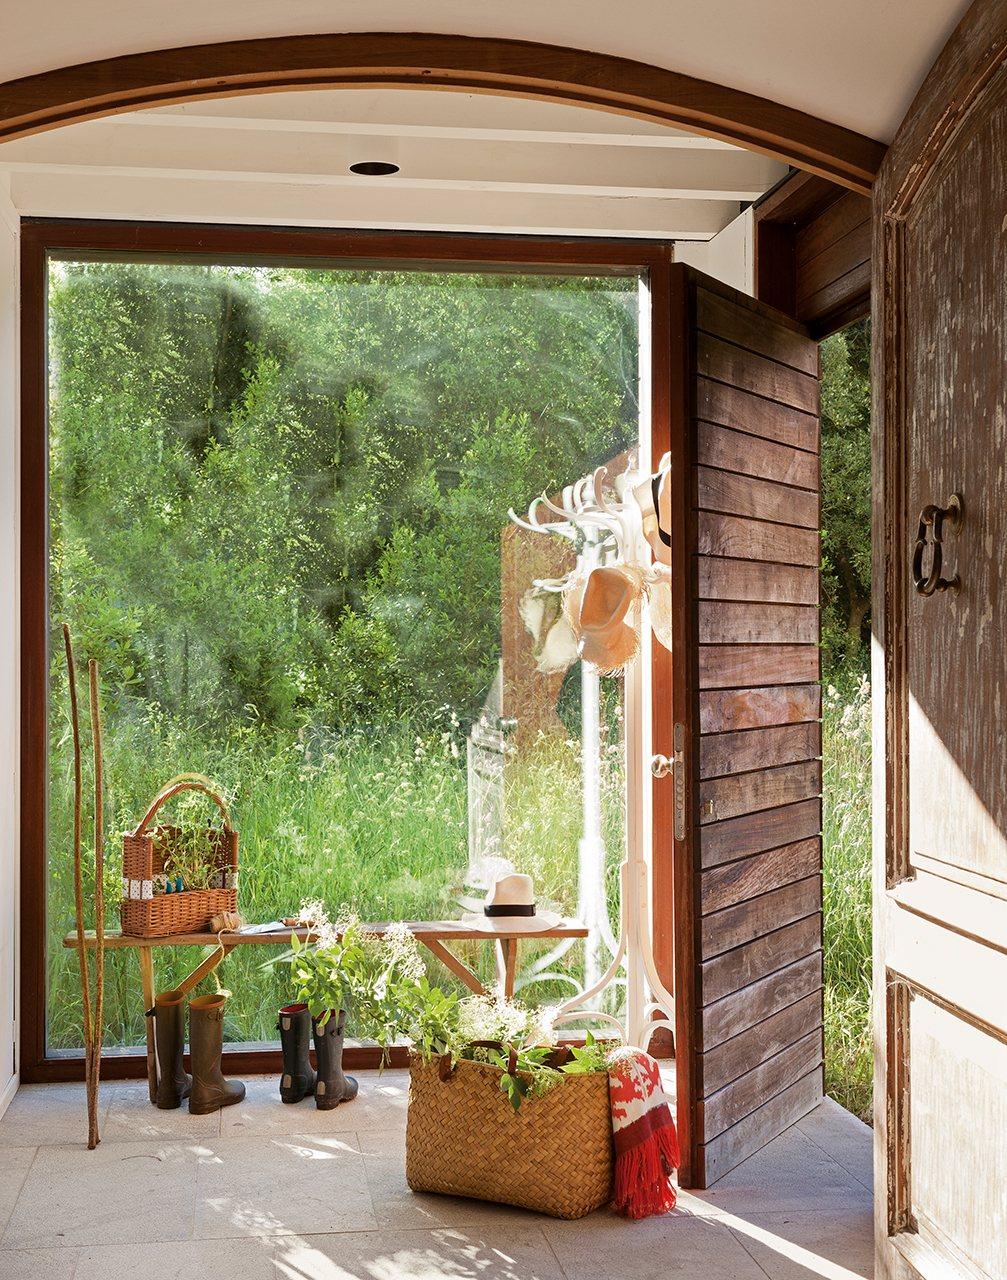 Cambia tu casa renovando puertas y ventanas